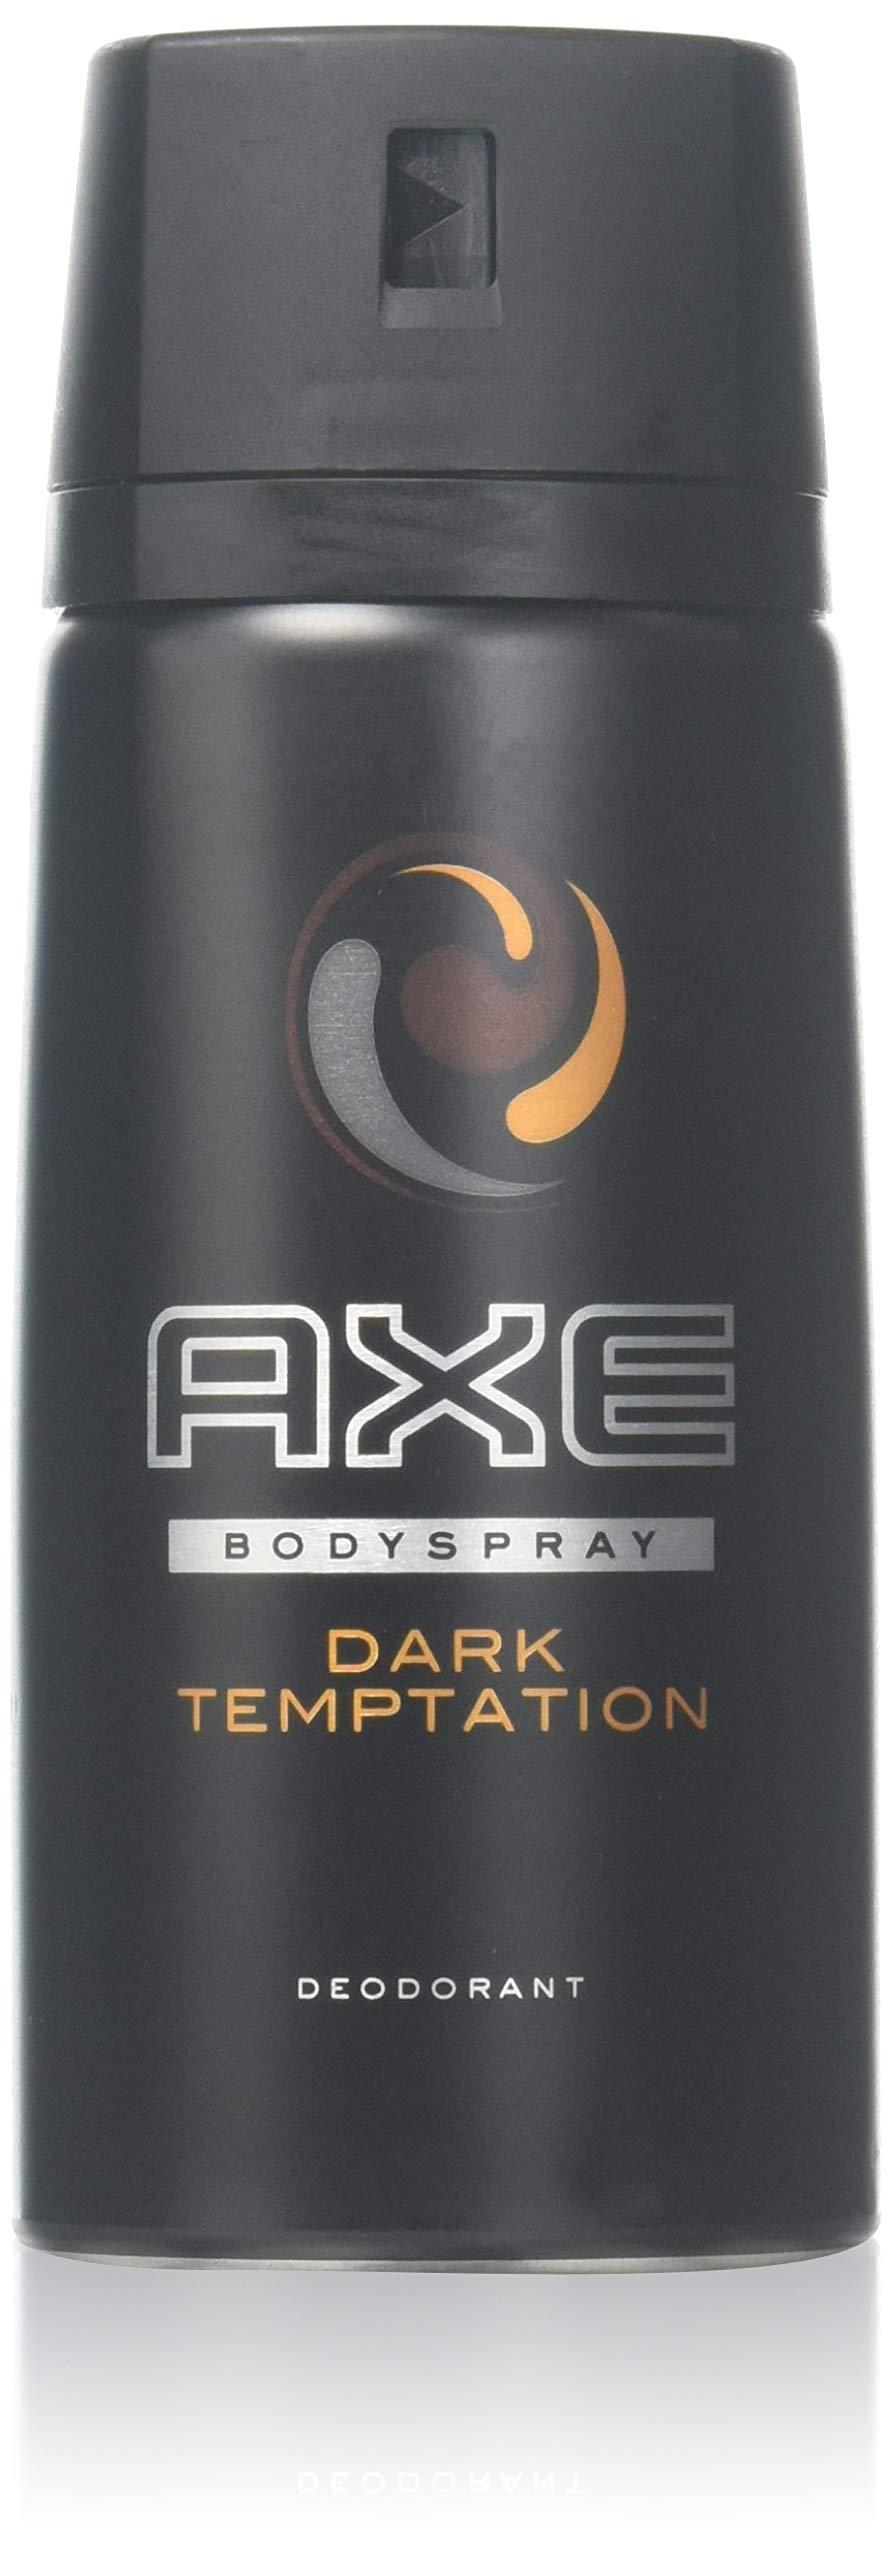 Axe Body Spray Dark Temptation 4Ounce - 4 Pack by AXE